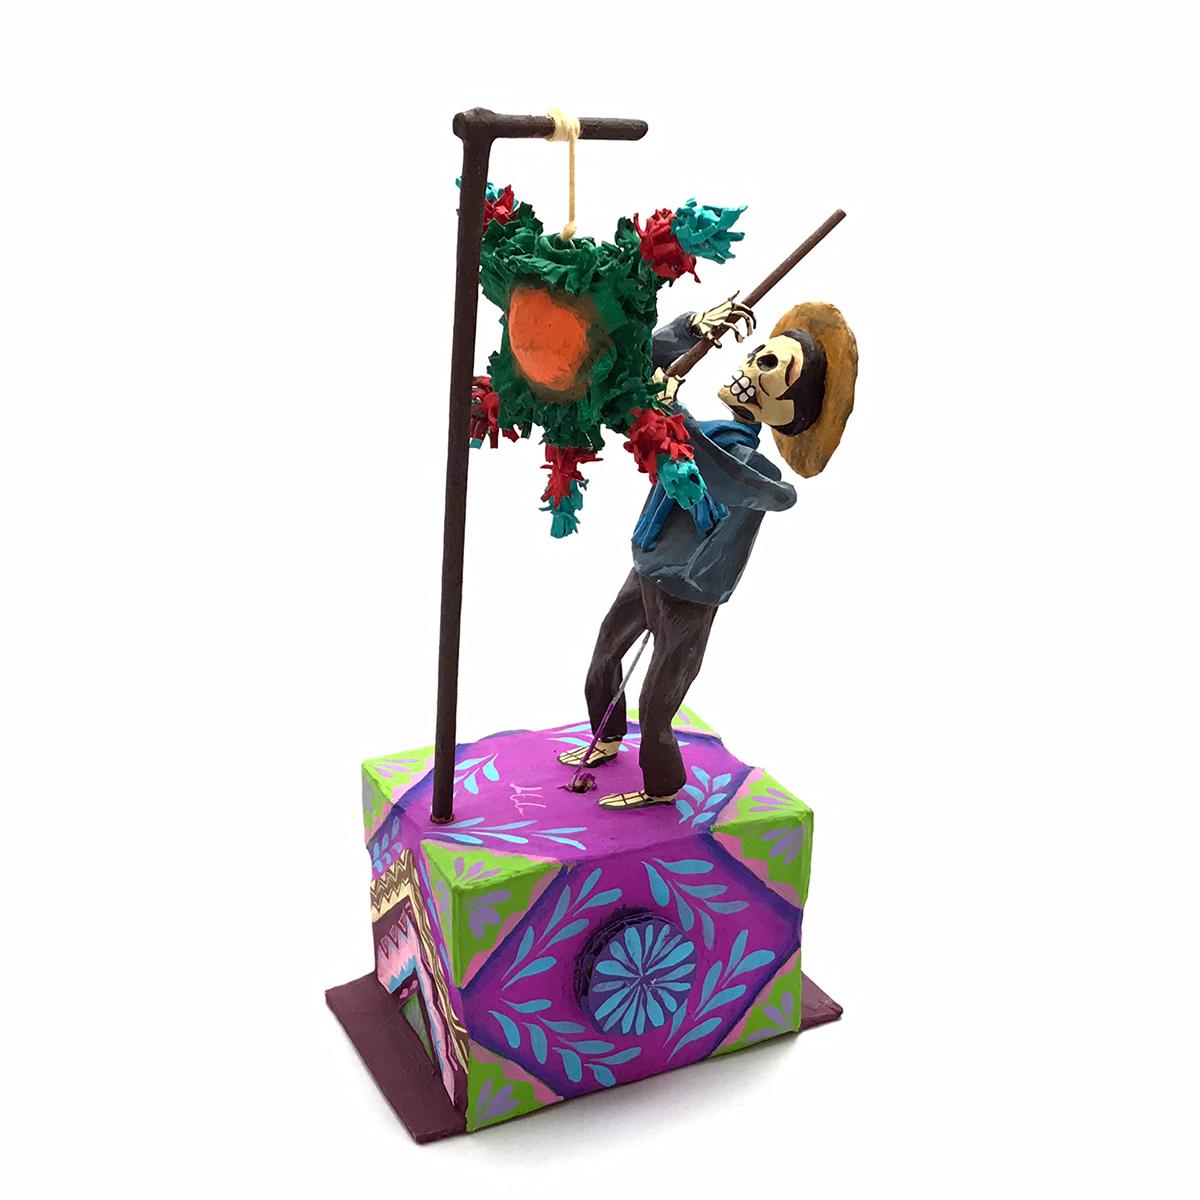 Cartoneria (Mexican Paper Mache) Josue Eleazar Castro: Piñata cartoneria